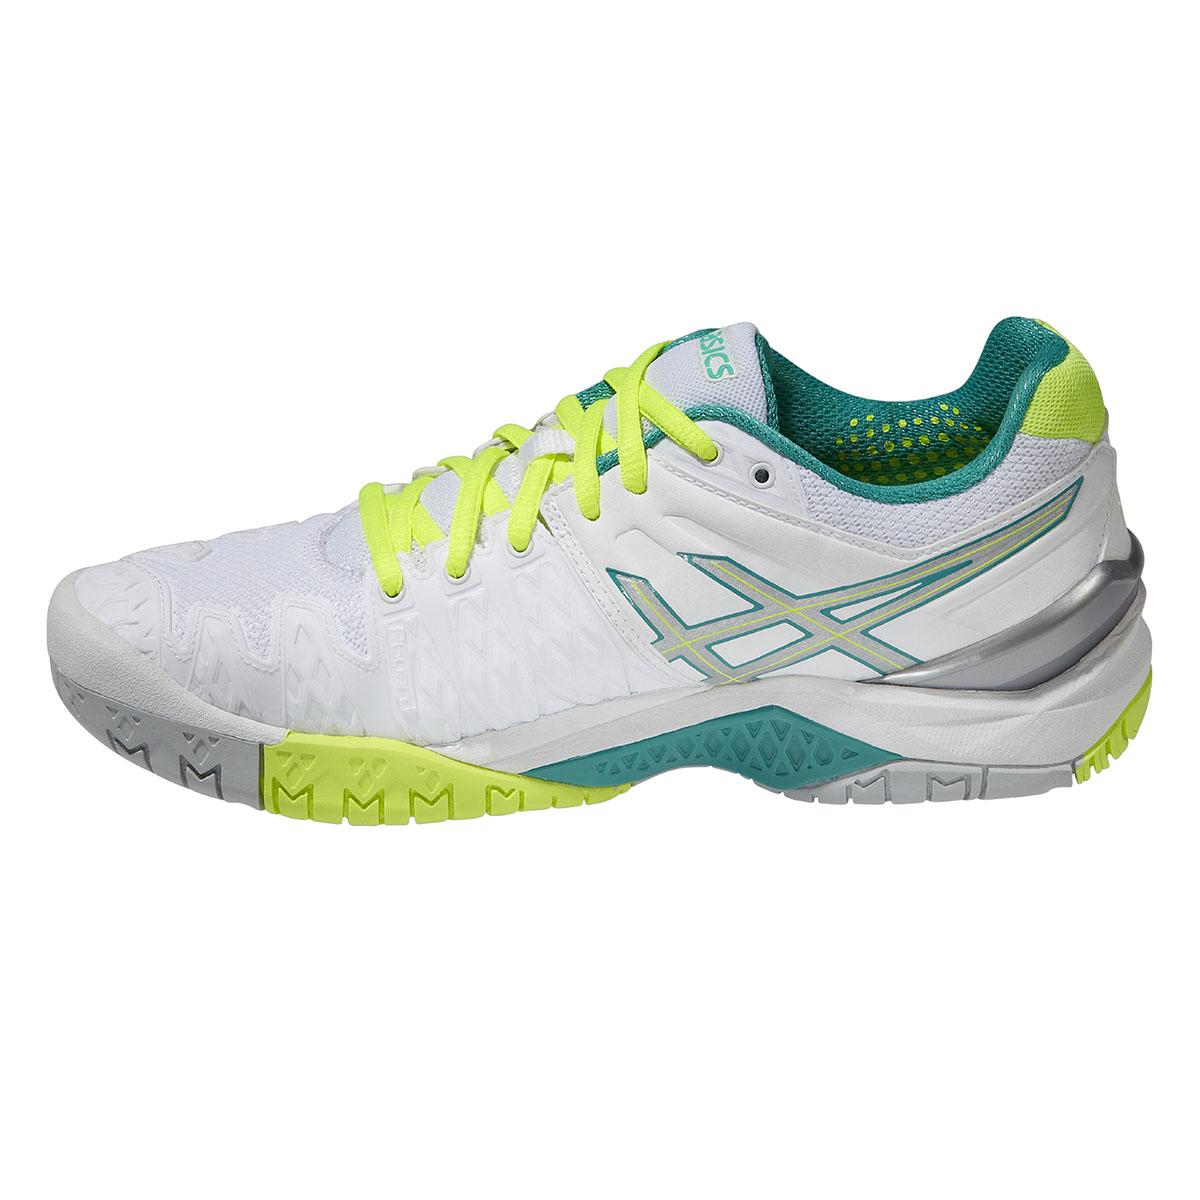 Asics de Femmes Chaussures de/ tennis blanches GEL Resolution 6 blanches/ vert émeraude 7a30e4a - artisbugil.website